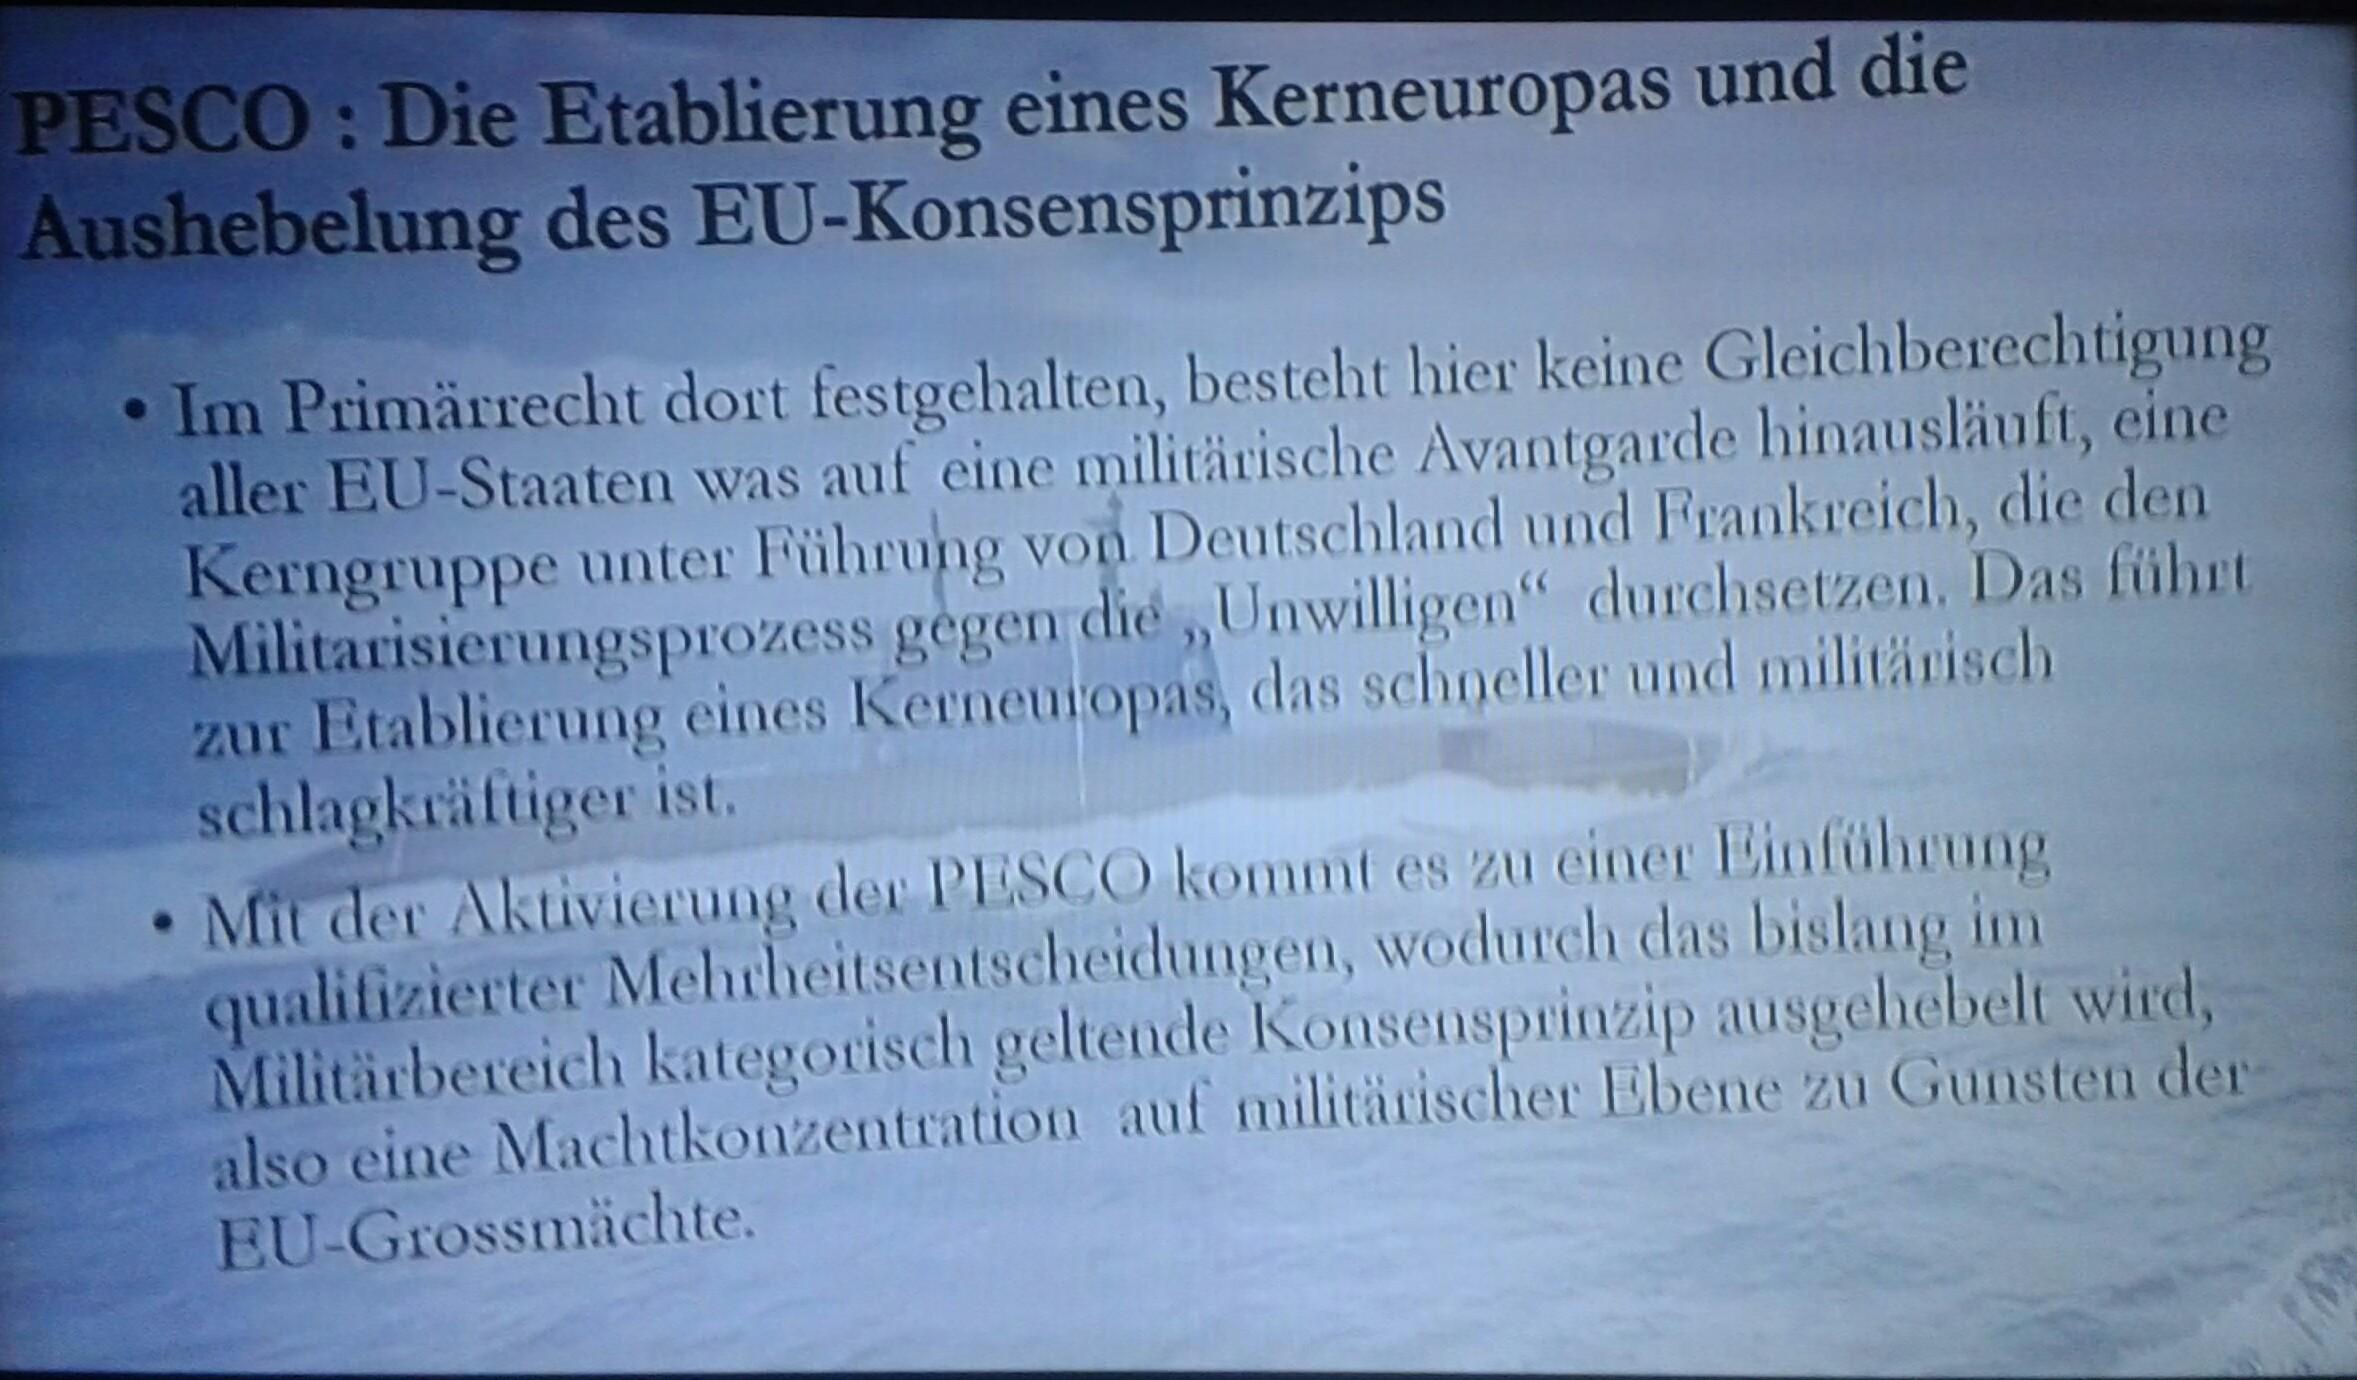 NATO, EU & PESCO